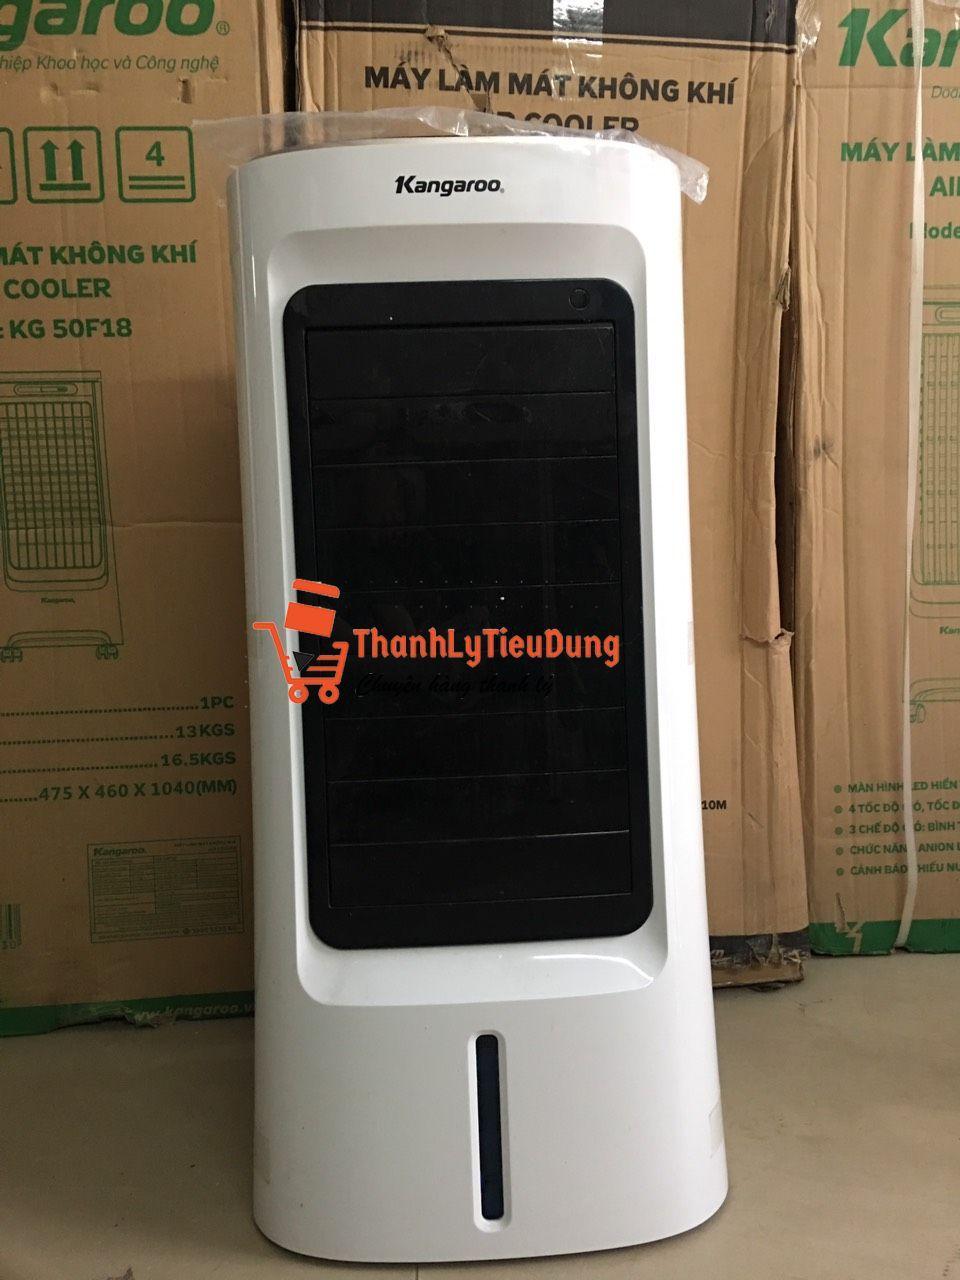 Bảng giá Quạt điều hòa Kangaroo KG50F58 - HÀNG TRƯNG BÀY